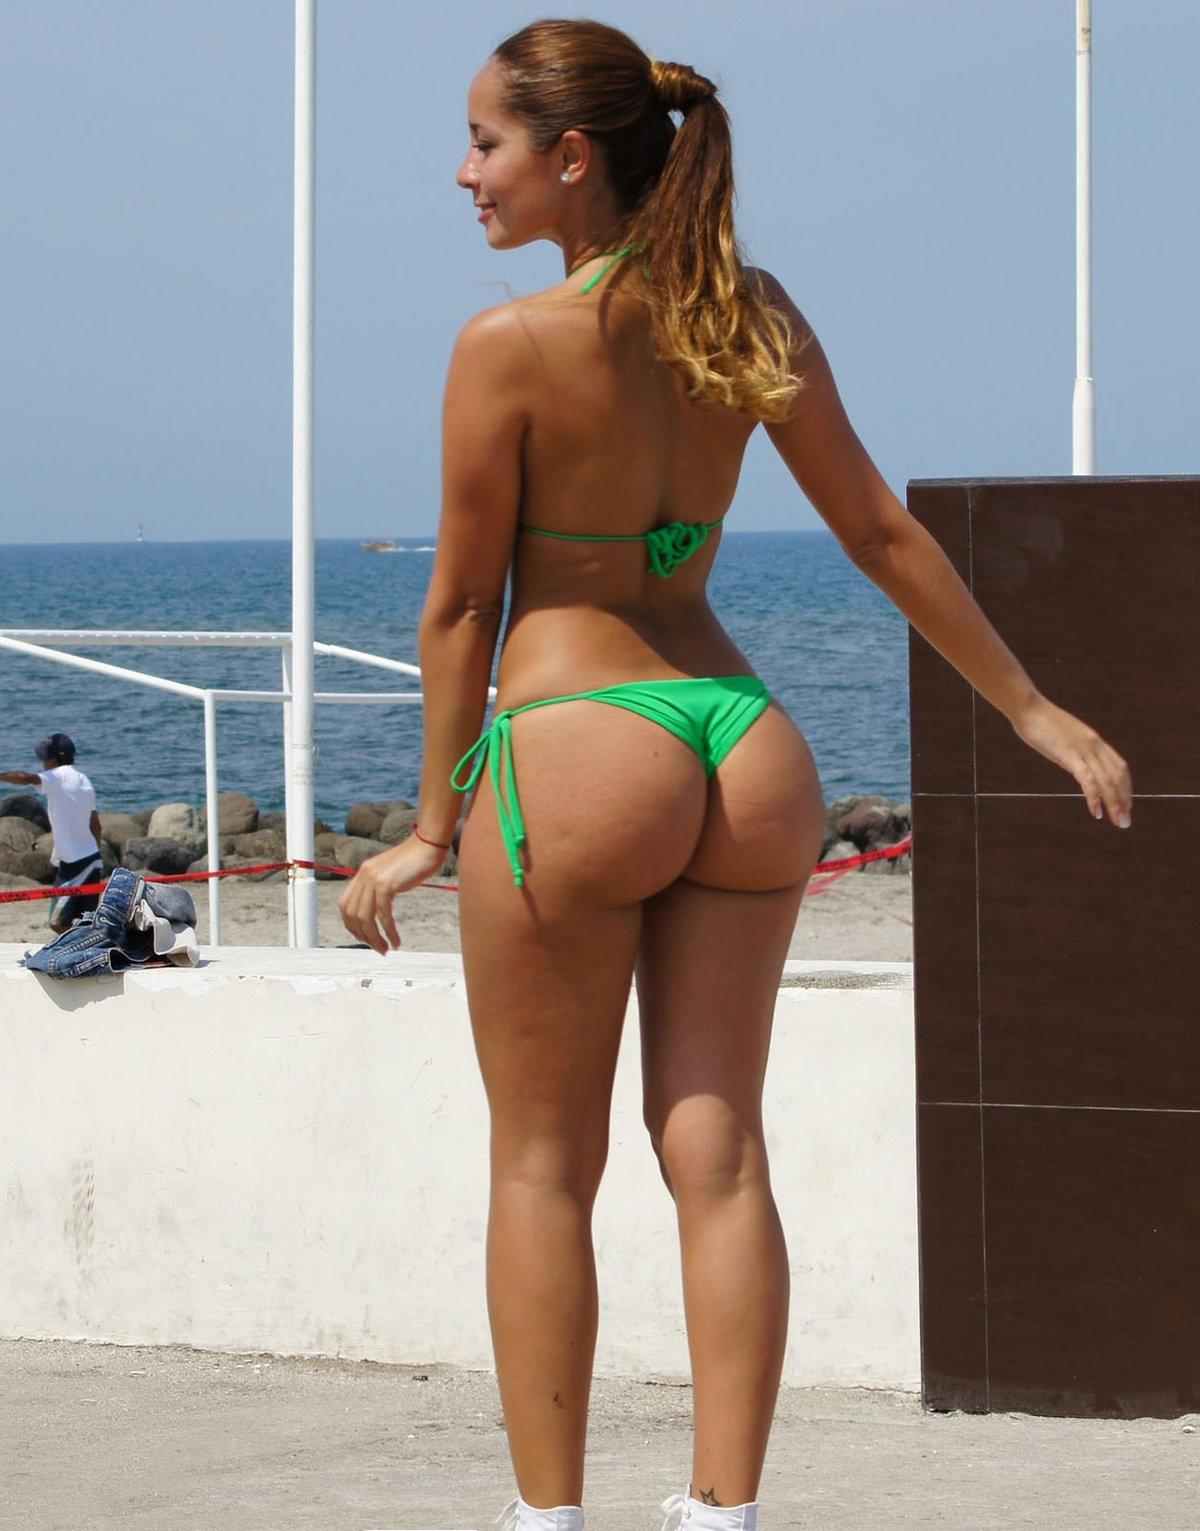 Задницы большие в мини бикини обнаженное фото